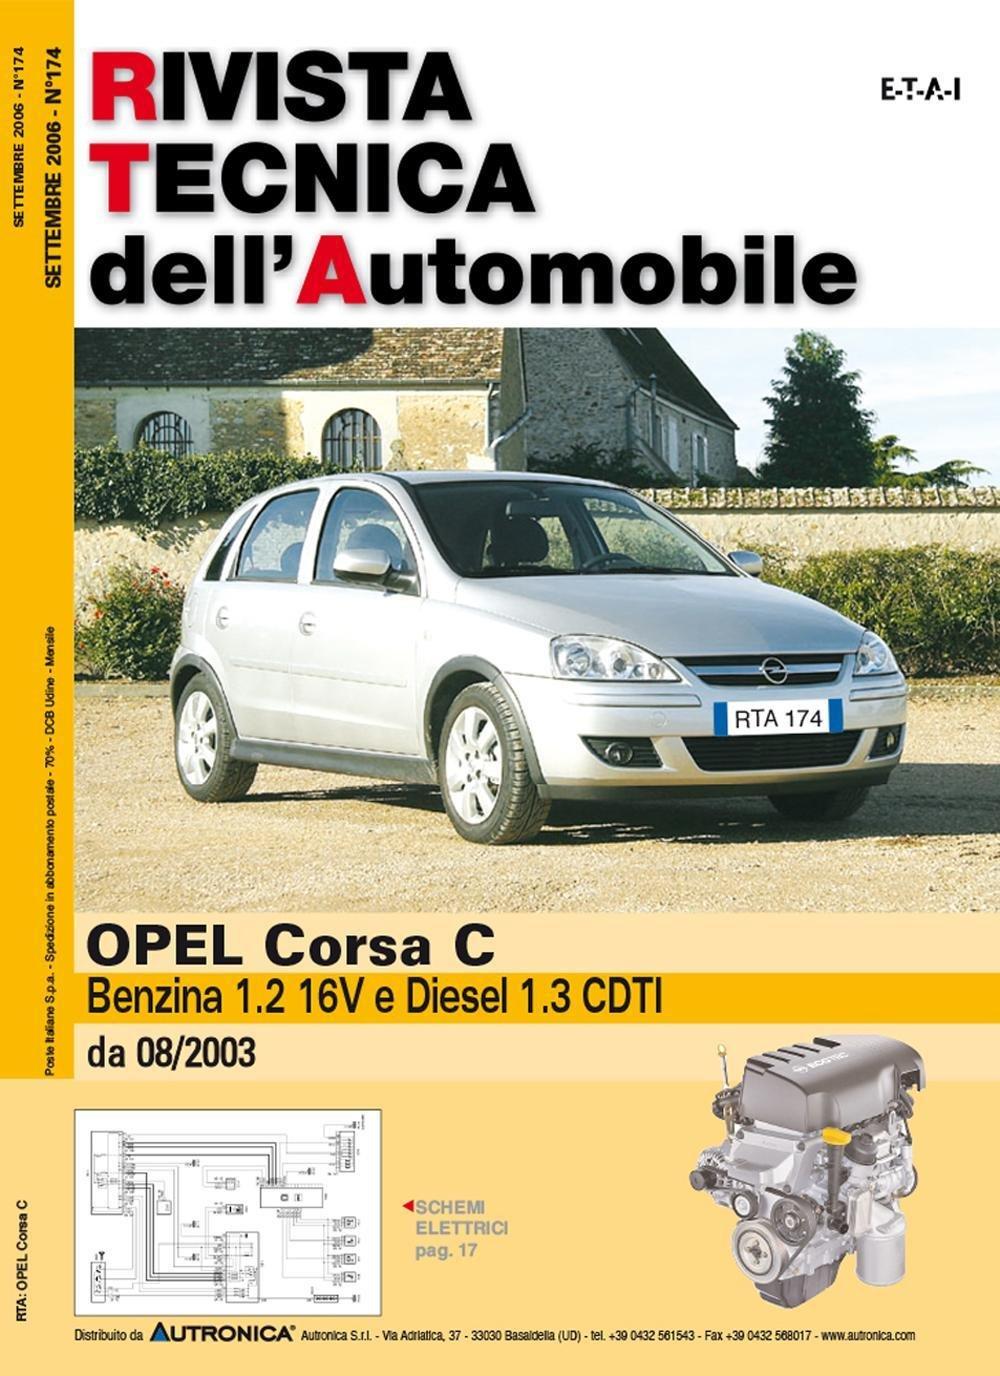 Schemi Elettrici Opel : Amazon.it: opel corsa c benzina 1.2 16v e diesel 1.3 cdti libri